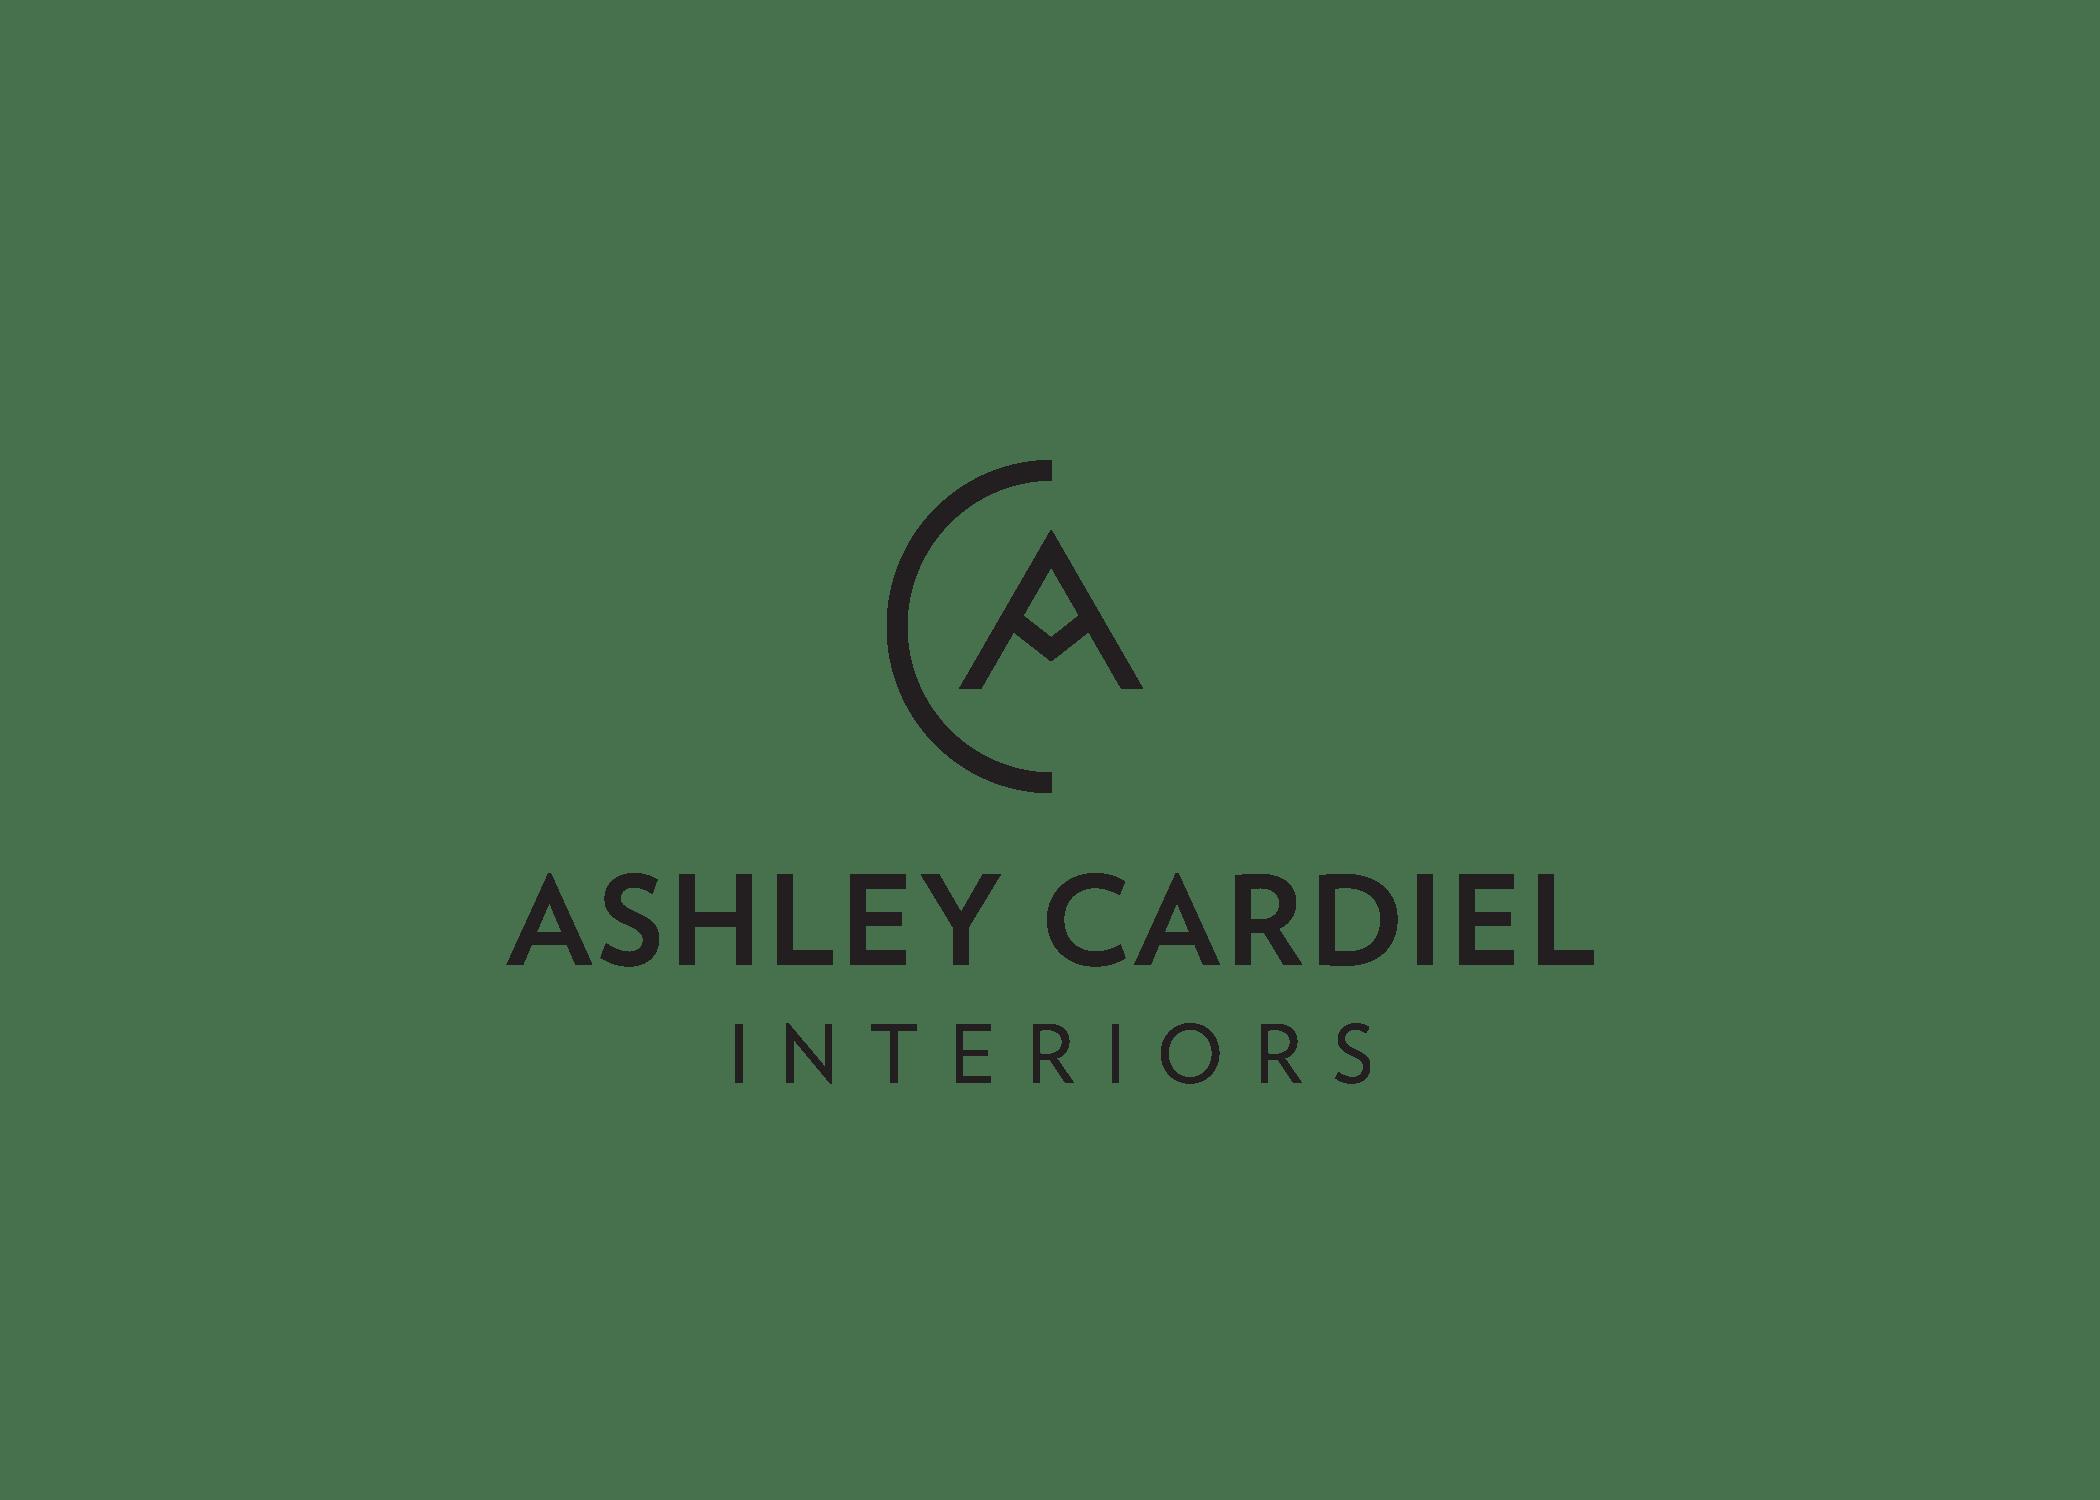 Ashley Cardiel Interiors Logo